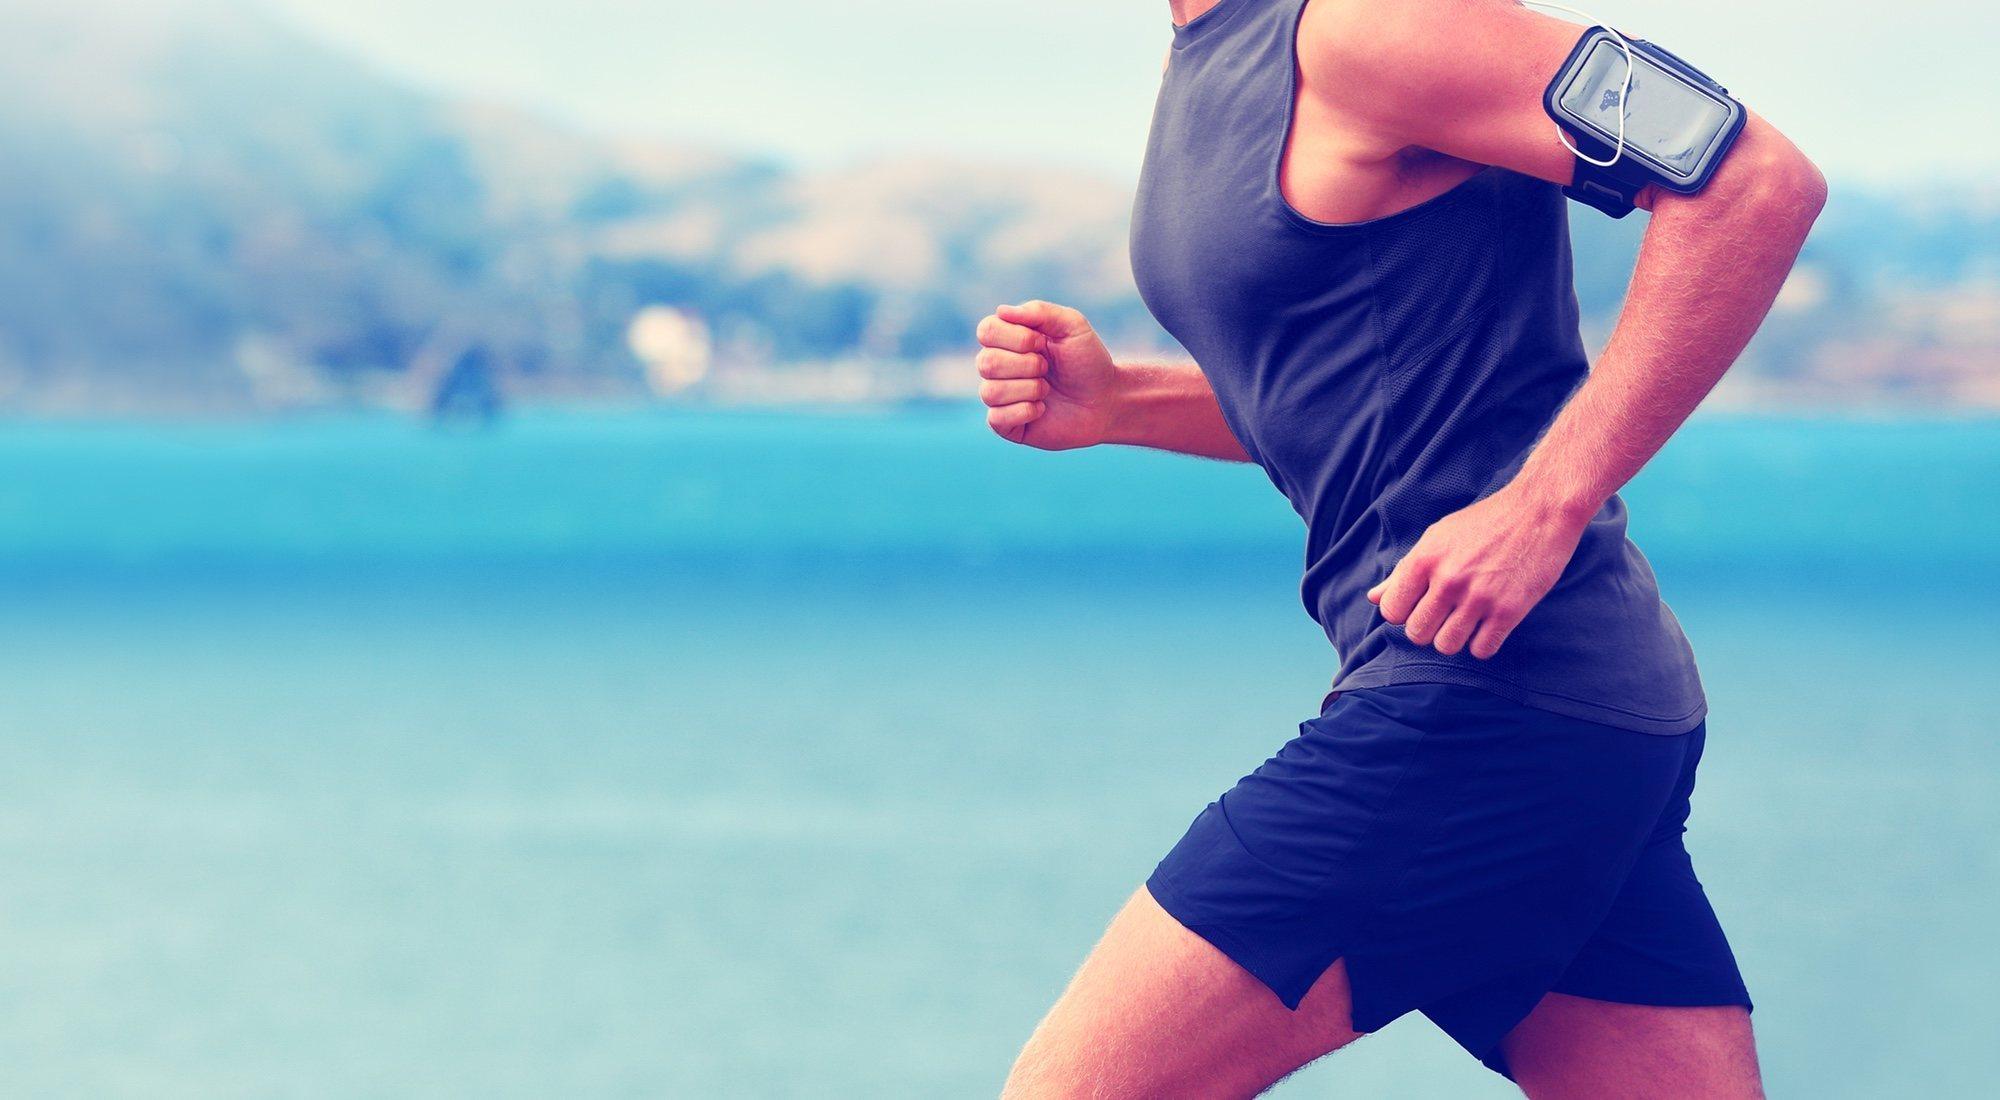 Aplicaciones fit: las mejores apps de fitness